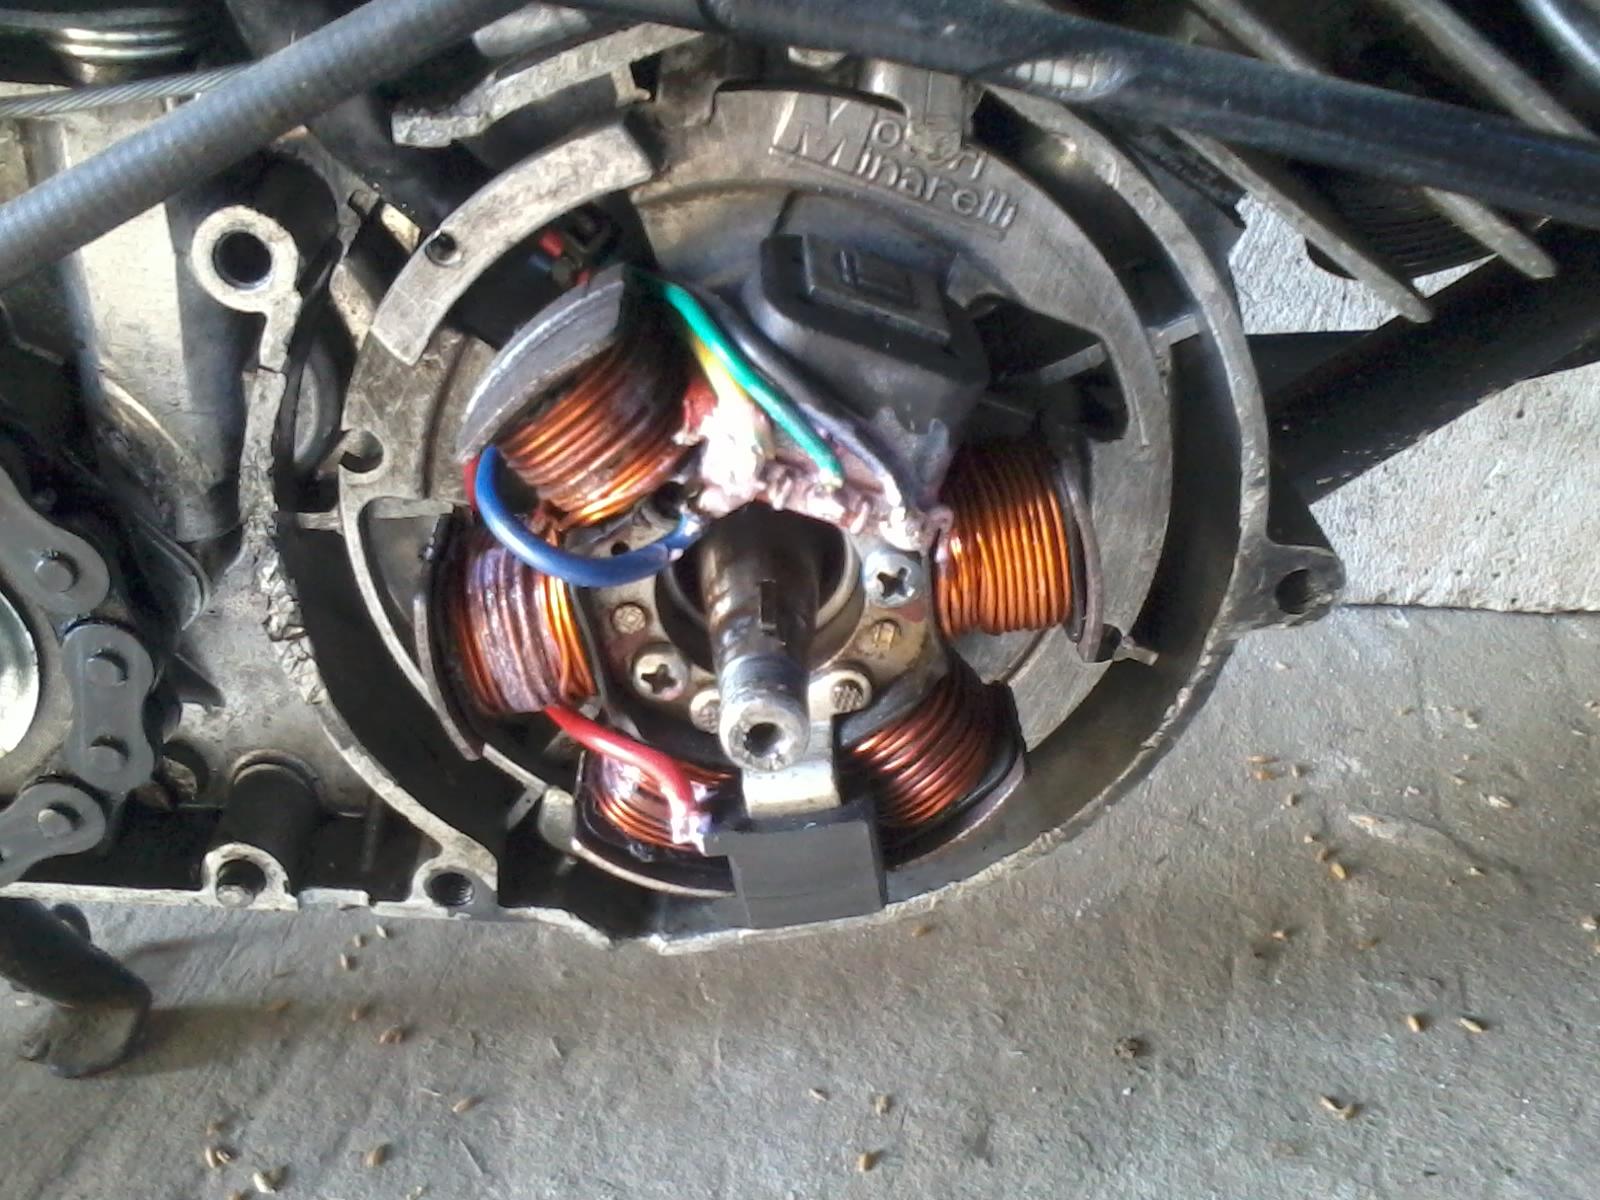 DE w simsonie - Podlaczenie ladowania zaplonu Ducati w Simsonie